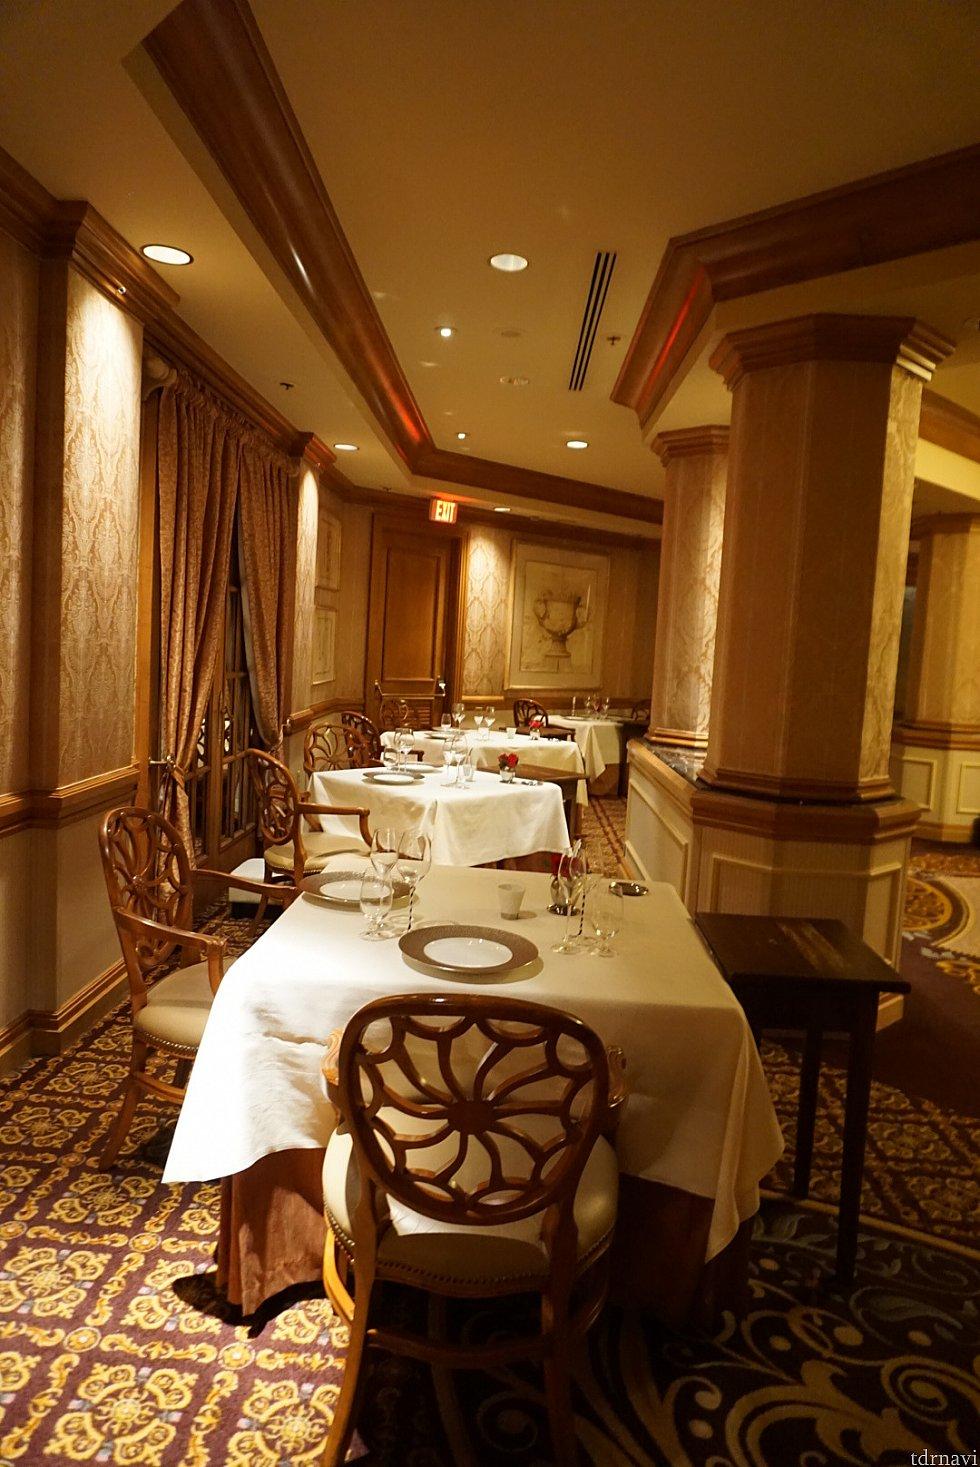 メインダイニングとは言え、それほど大きい部屋ではありません。緊張しながら、ゲストのテーブルを通り抜けていくと…